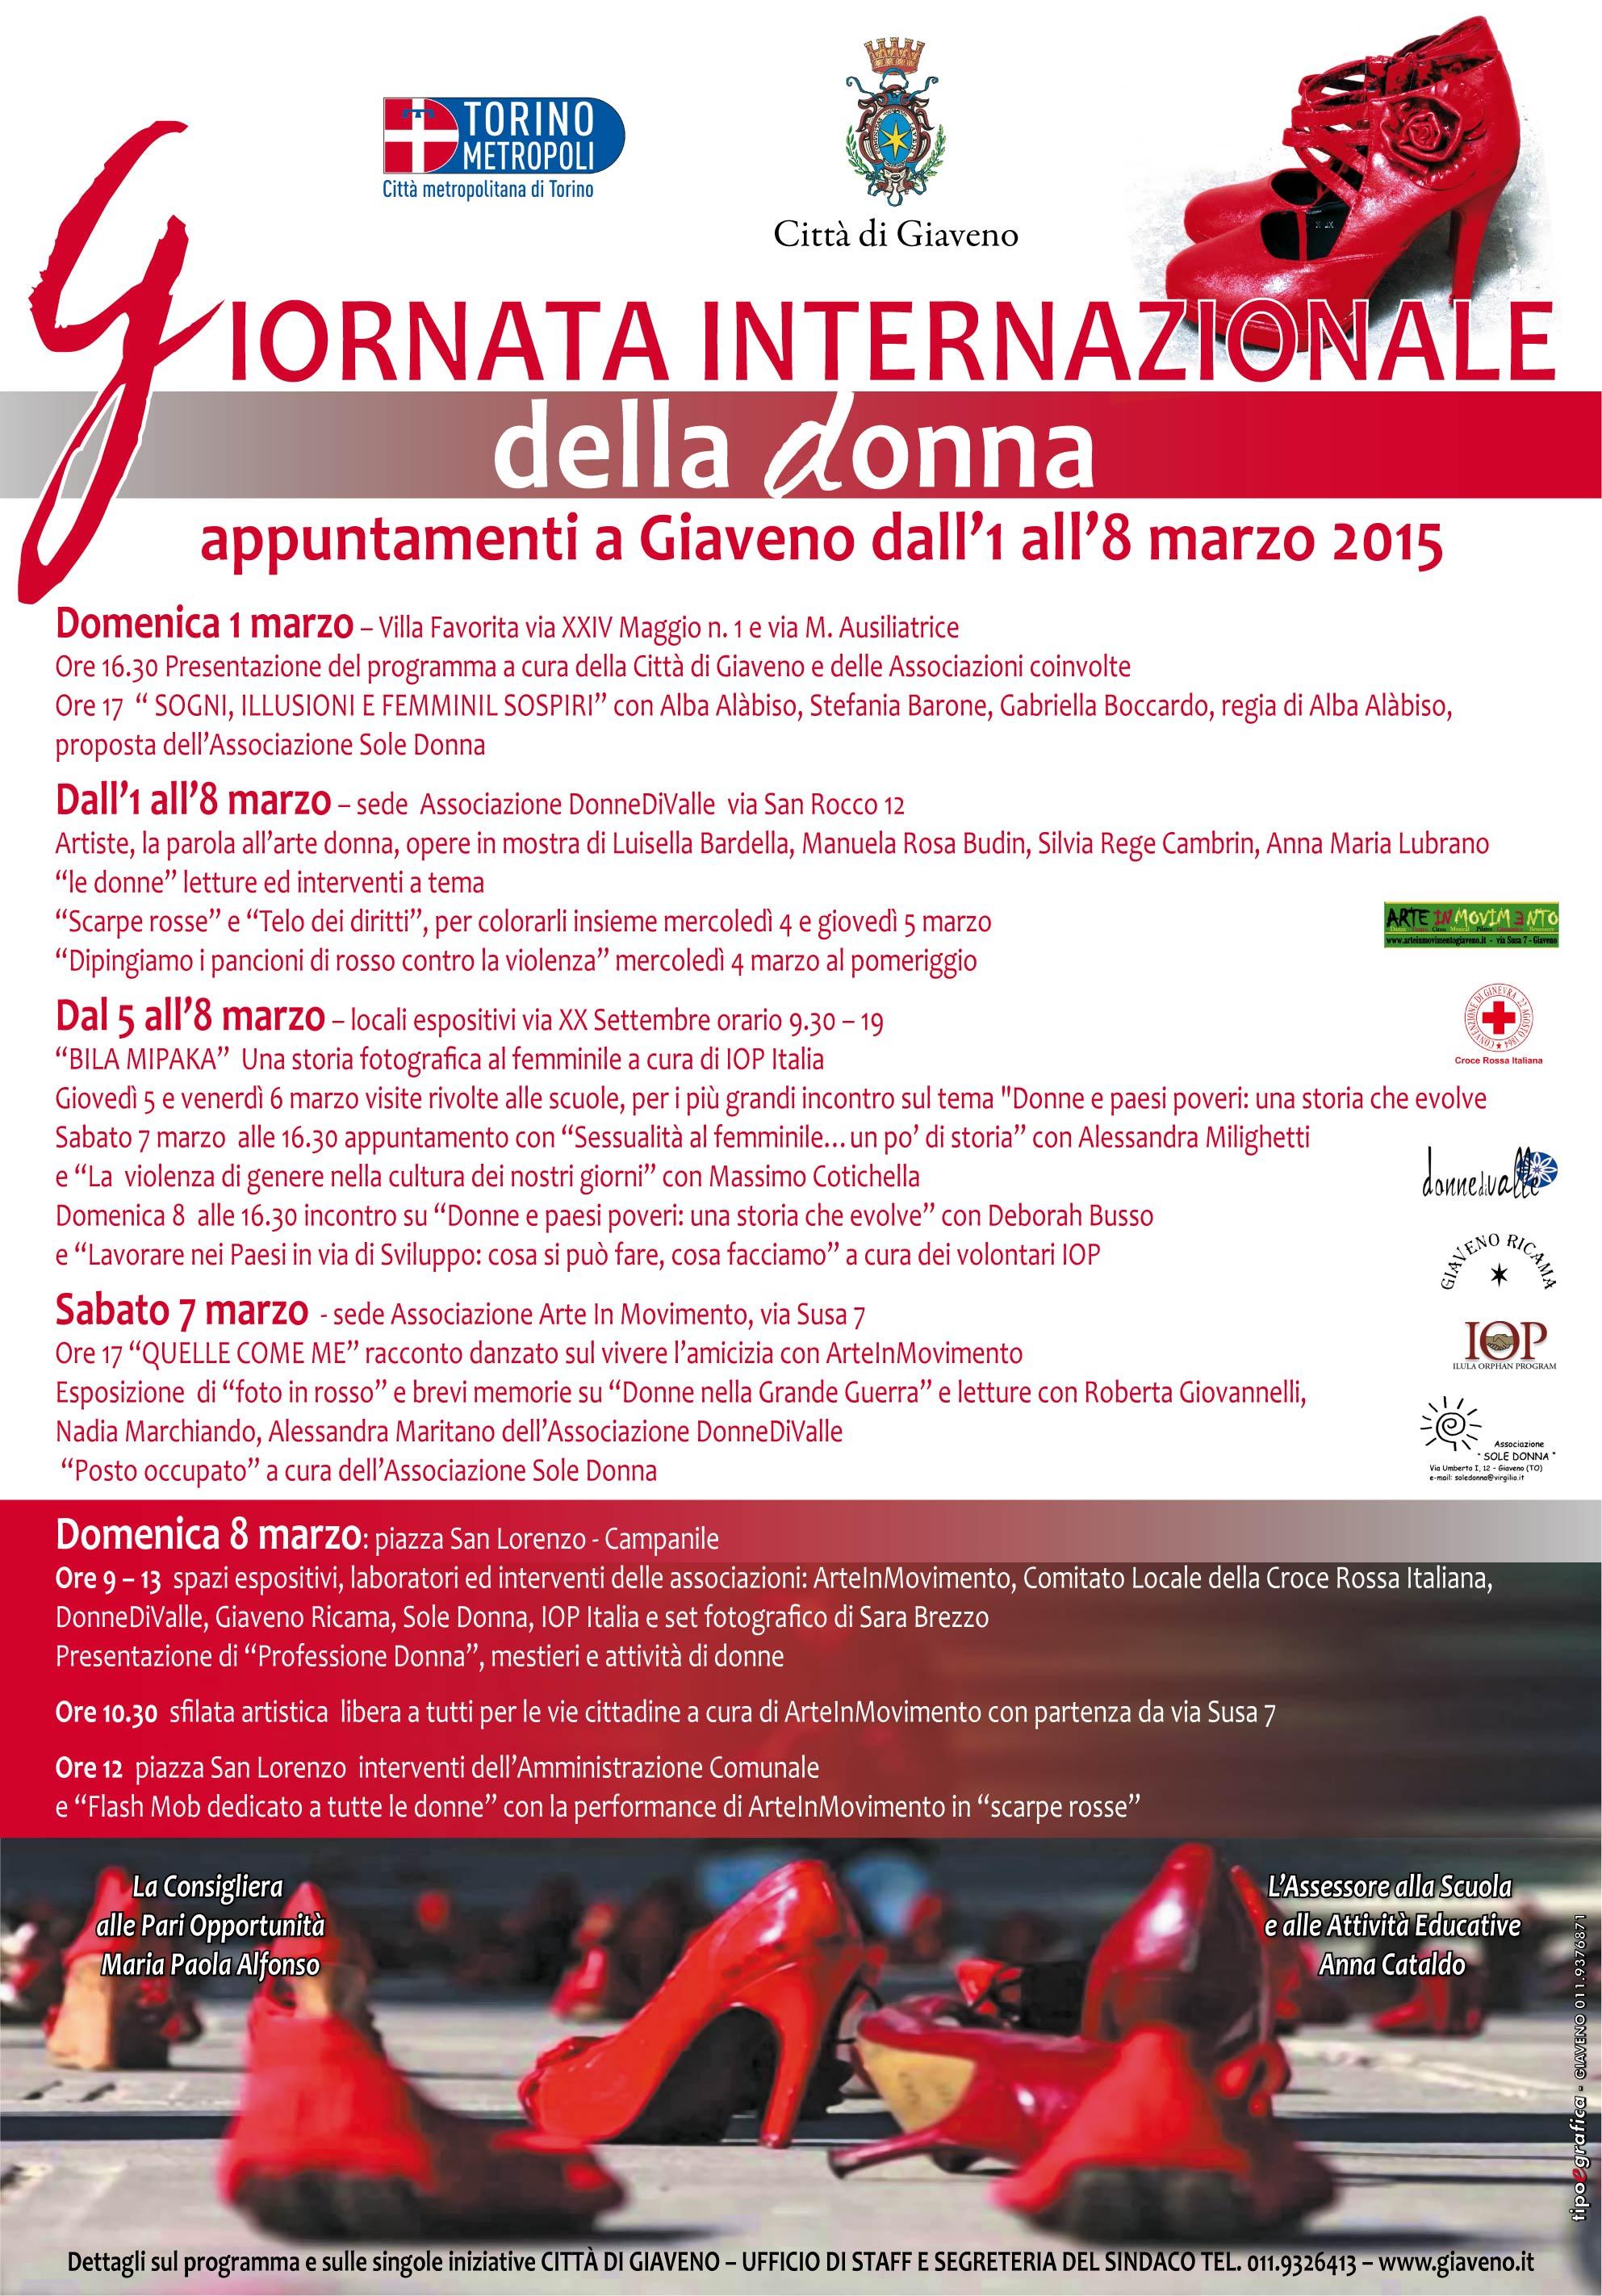 Giornata Internazionale della Donna – Appuntamenti a Giaveno dal 1 all' 8 marzo 2015